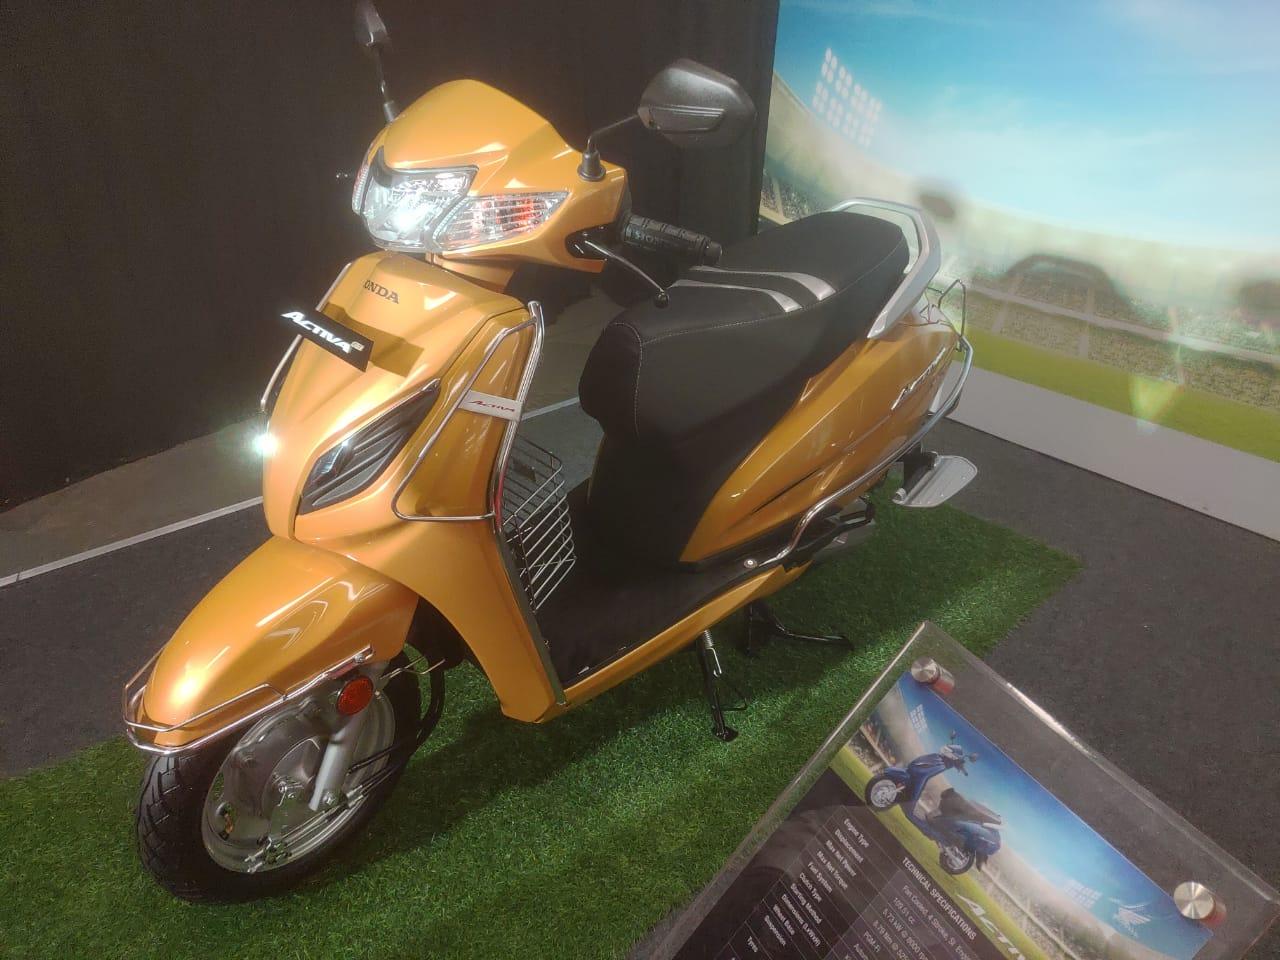 Honda Activa 6G Accessories Revealed